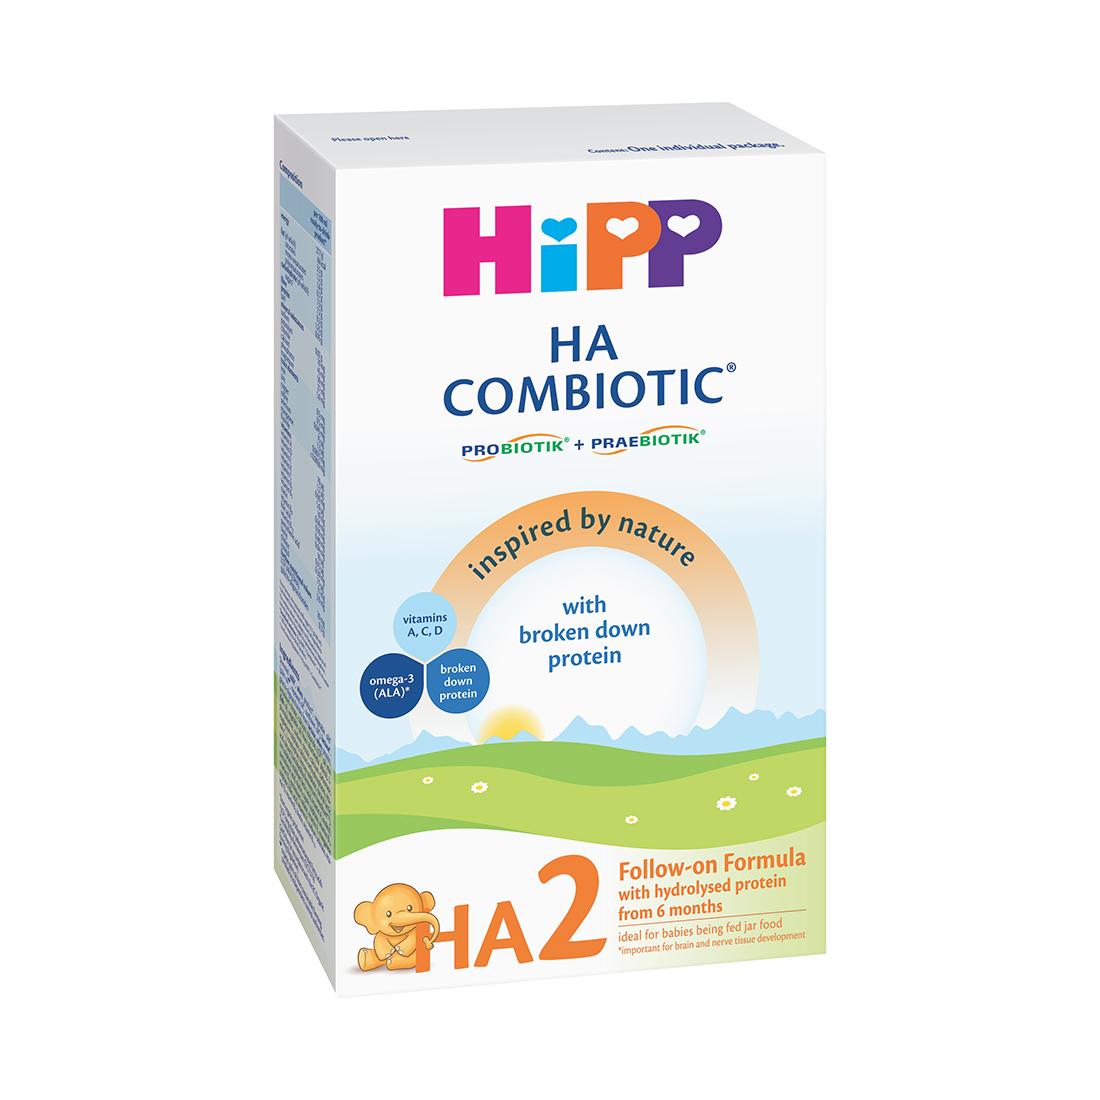 Lapte praf Hipp Combiotic HA 2, Hipp 350 g, 6 luni+ imagine